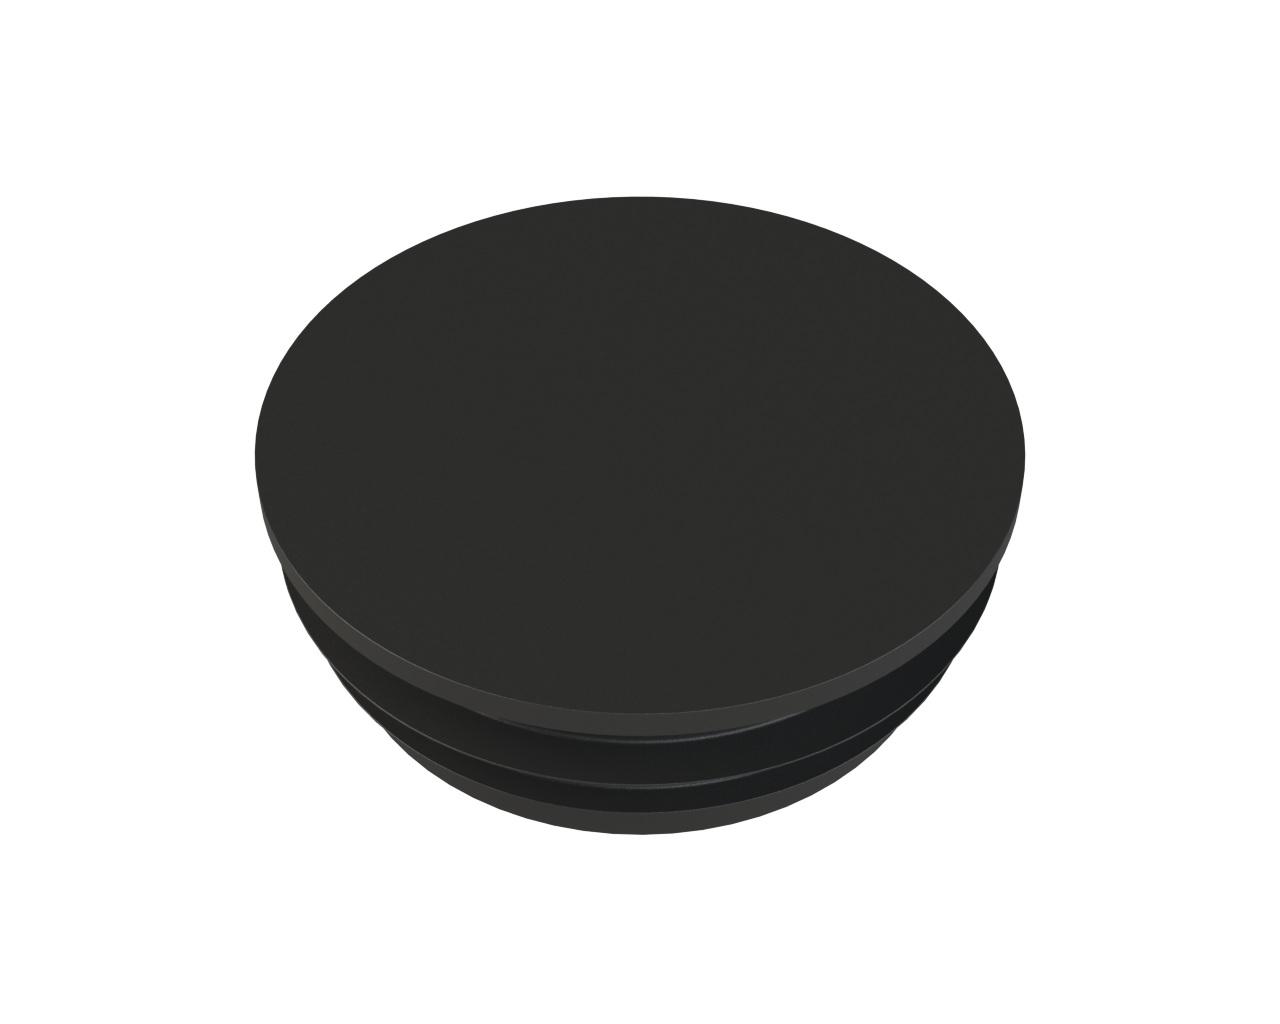 Заглушка для столба Арскон Заглушка пластиковая для круглой трубы Д 76мм.(упаковка 40шт.), черный цена